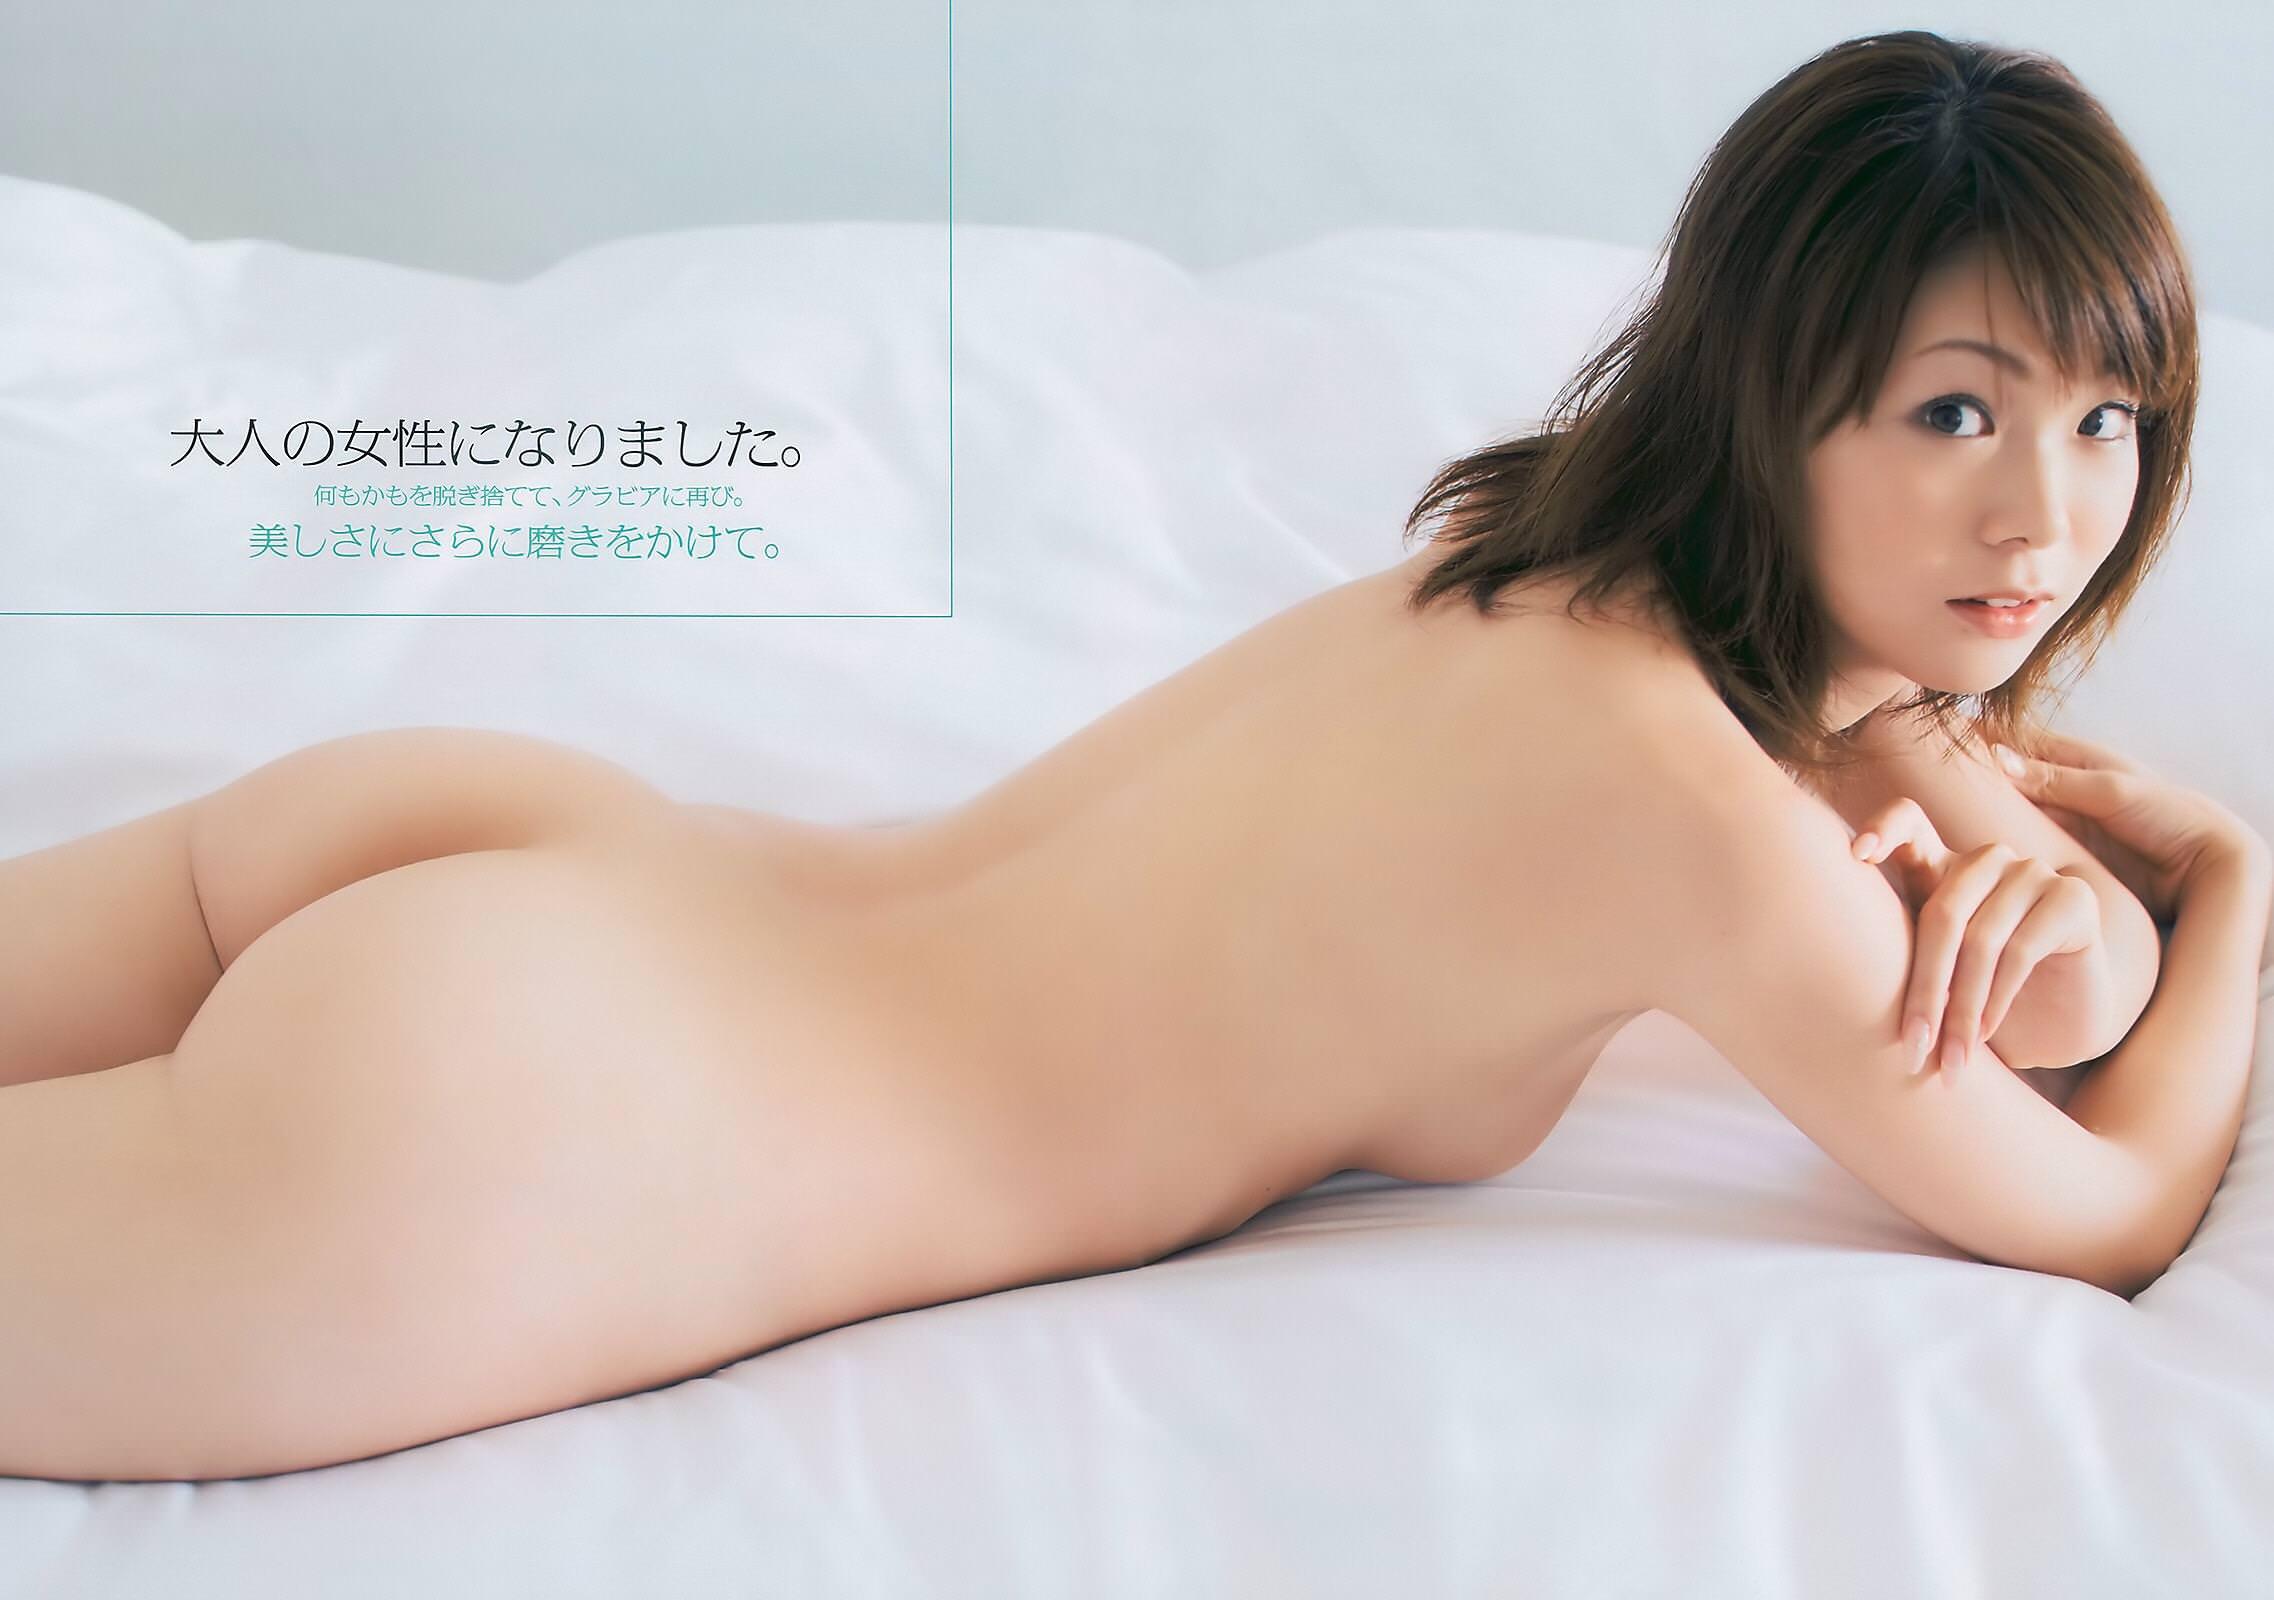 芸能人ヌード 生尻エロ画像32枚!お尻ヌードってことは撮影現場ではオマンコ見えてるってことだよな?www・13枚目の画像